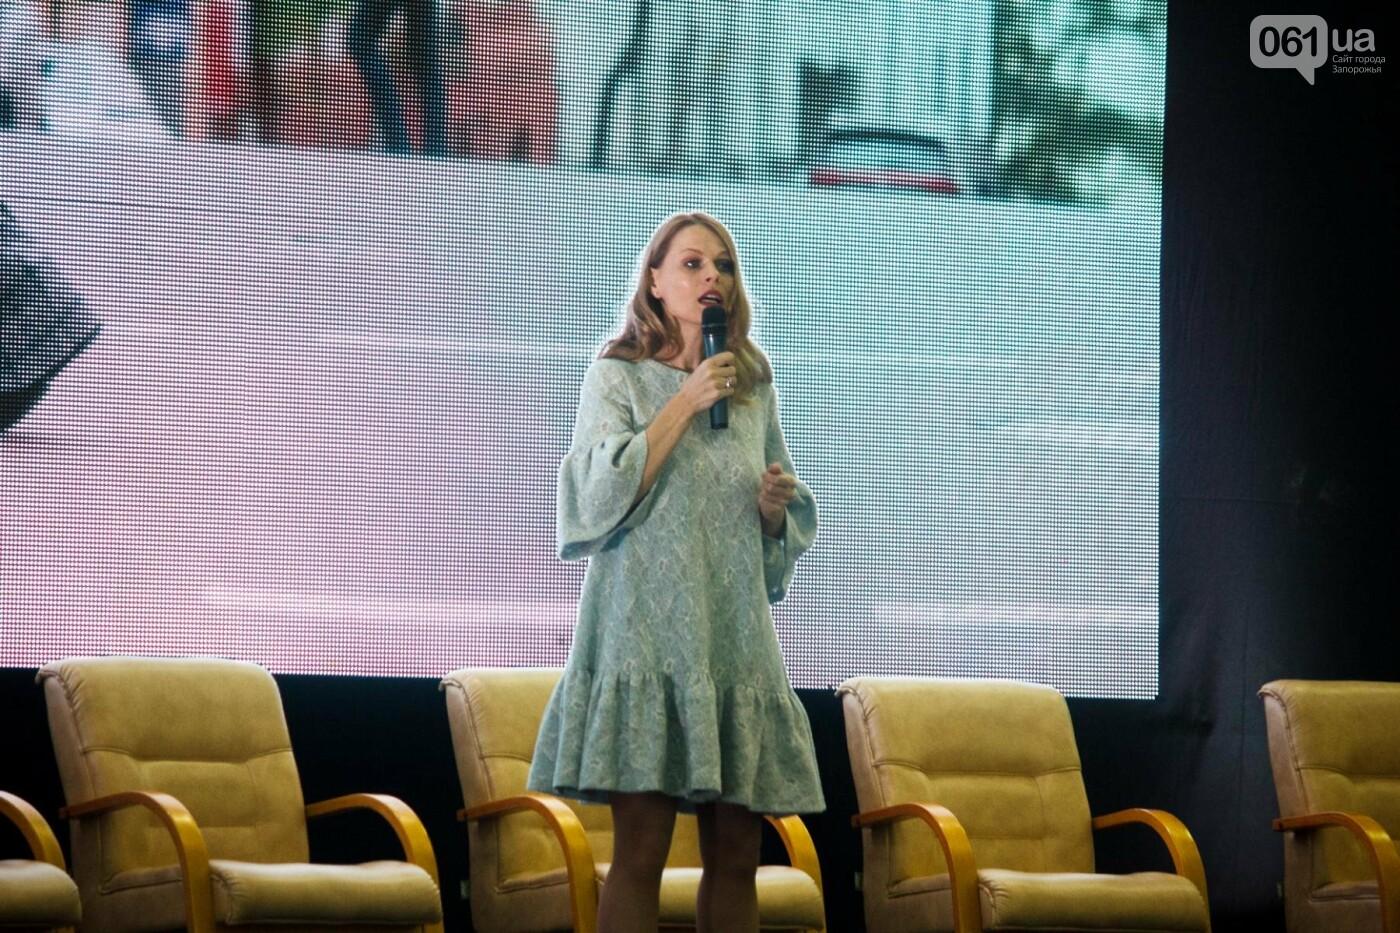 Запорожский Туристический Форум посетила телеведущая Ольга Фреймут, - ФОТОРЕПОРТАЖ, фото-17